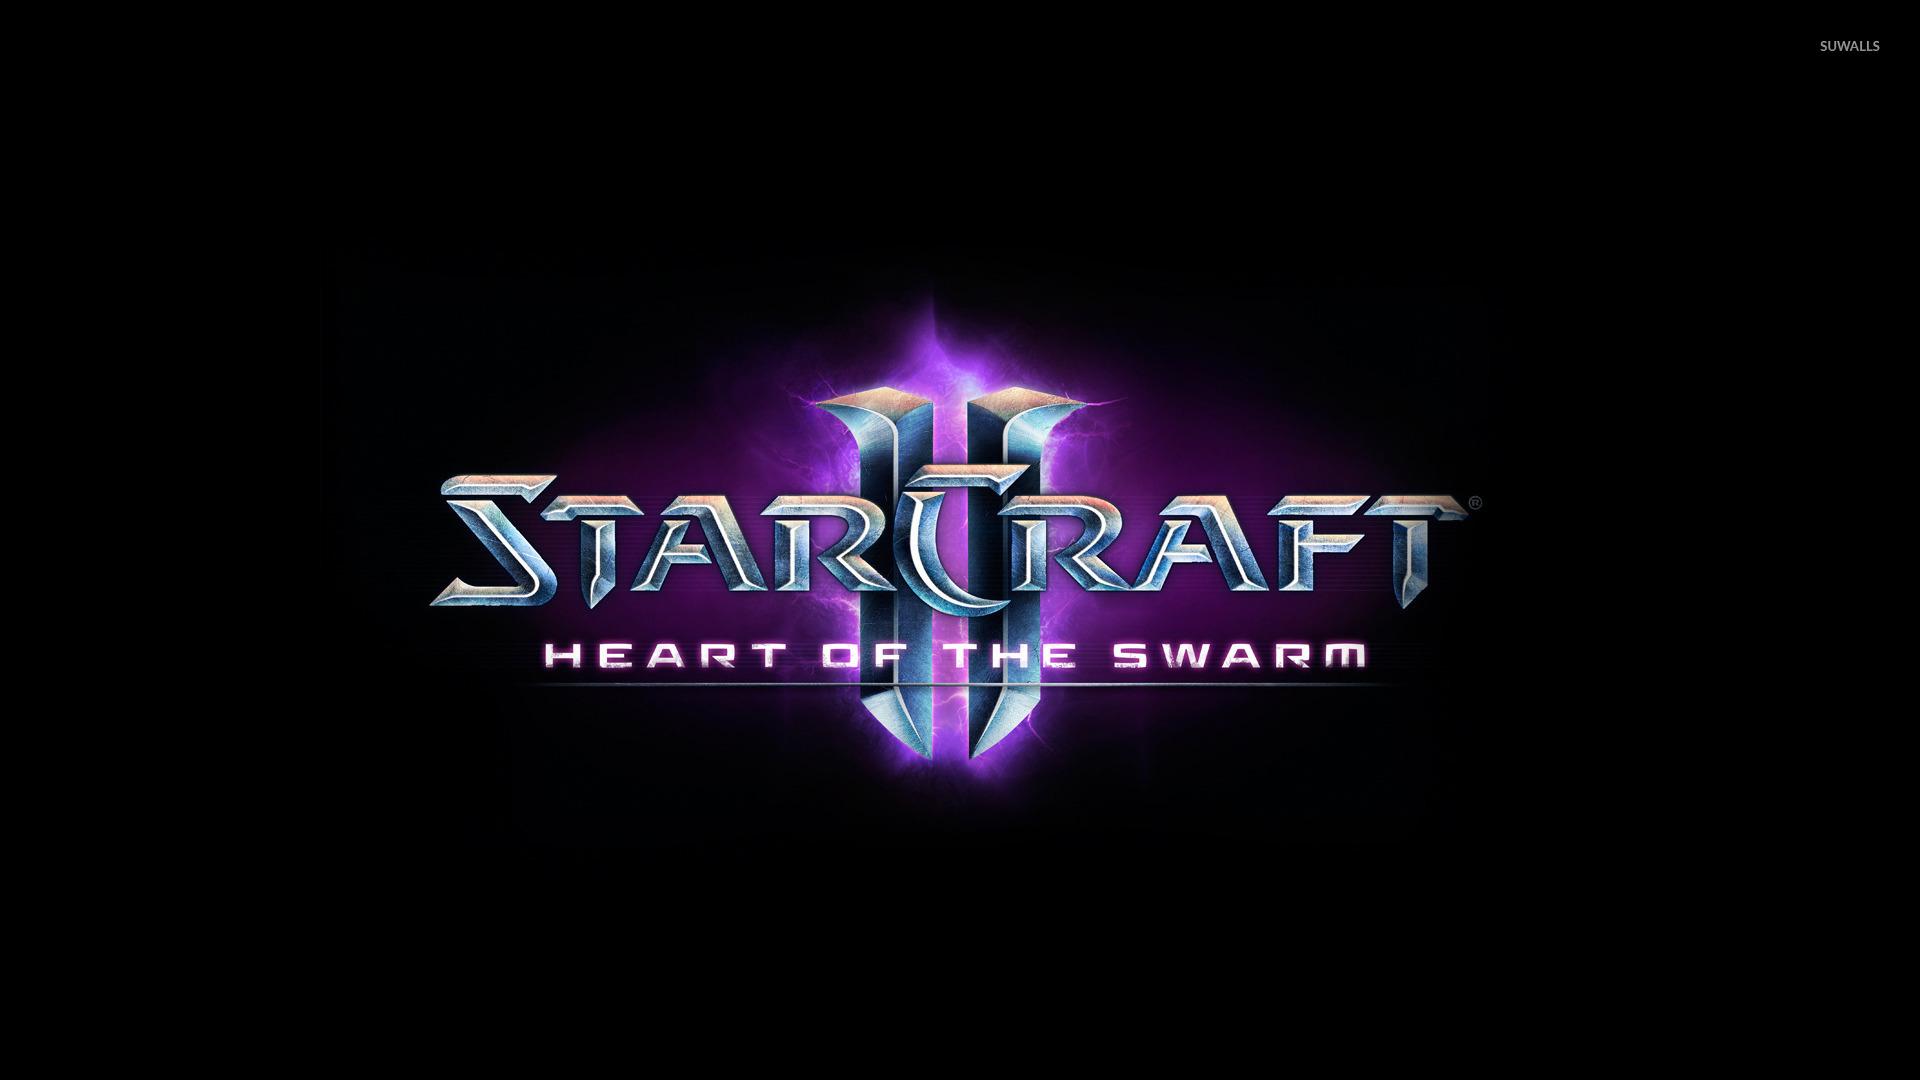 starcraft 2 heart of the swarm starfriend online dating